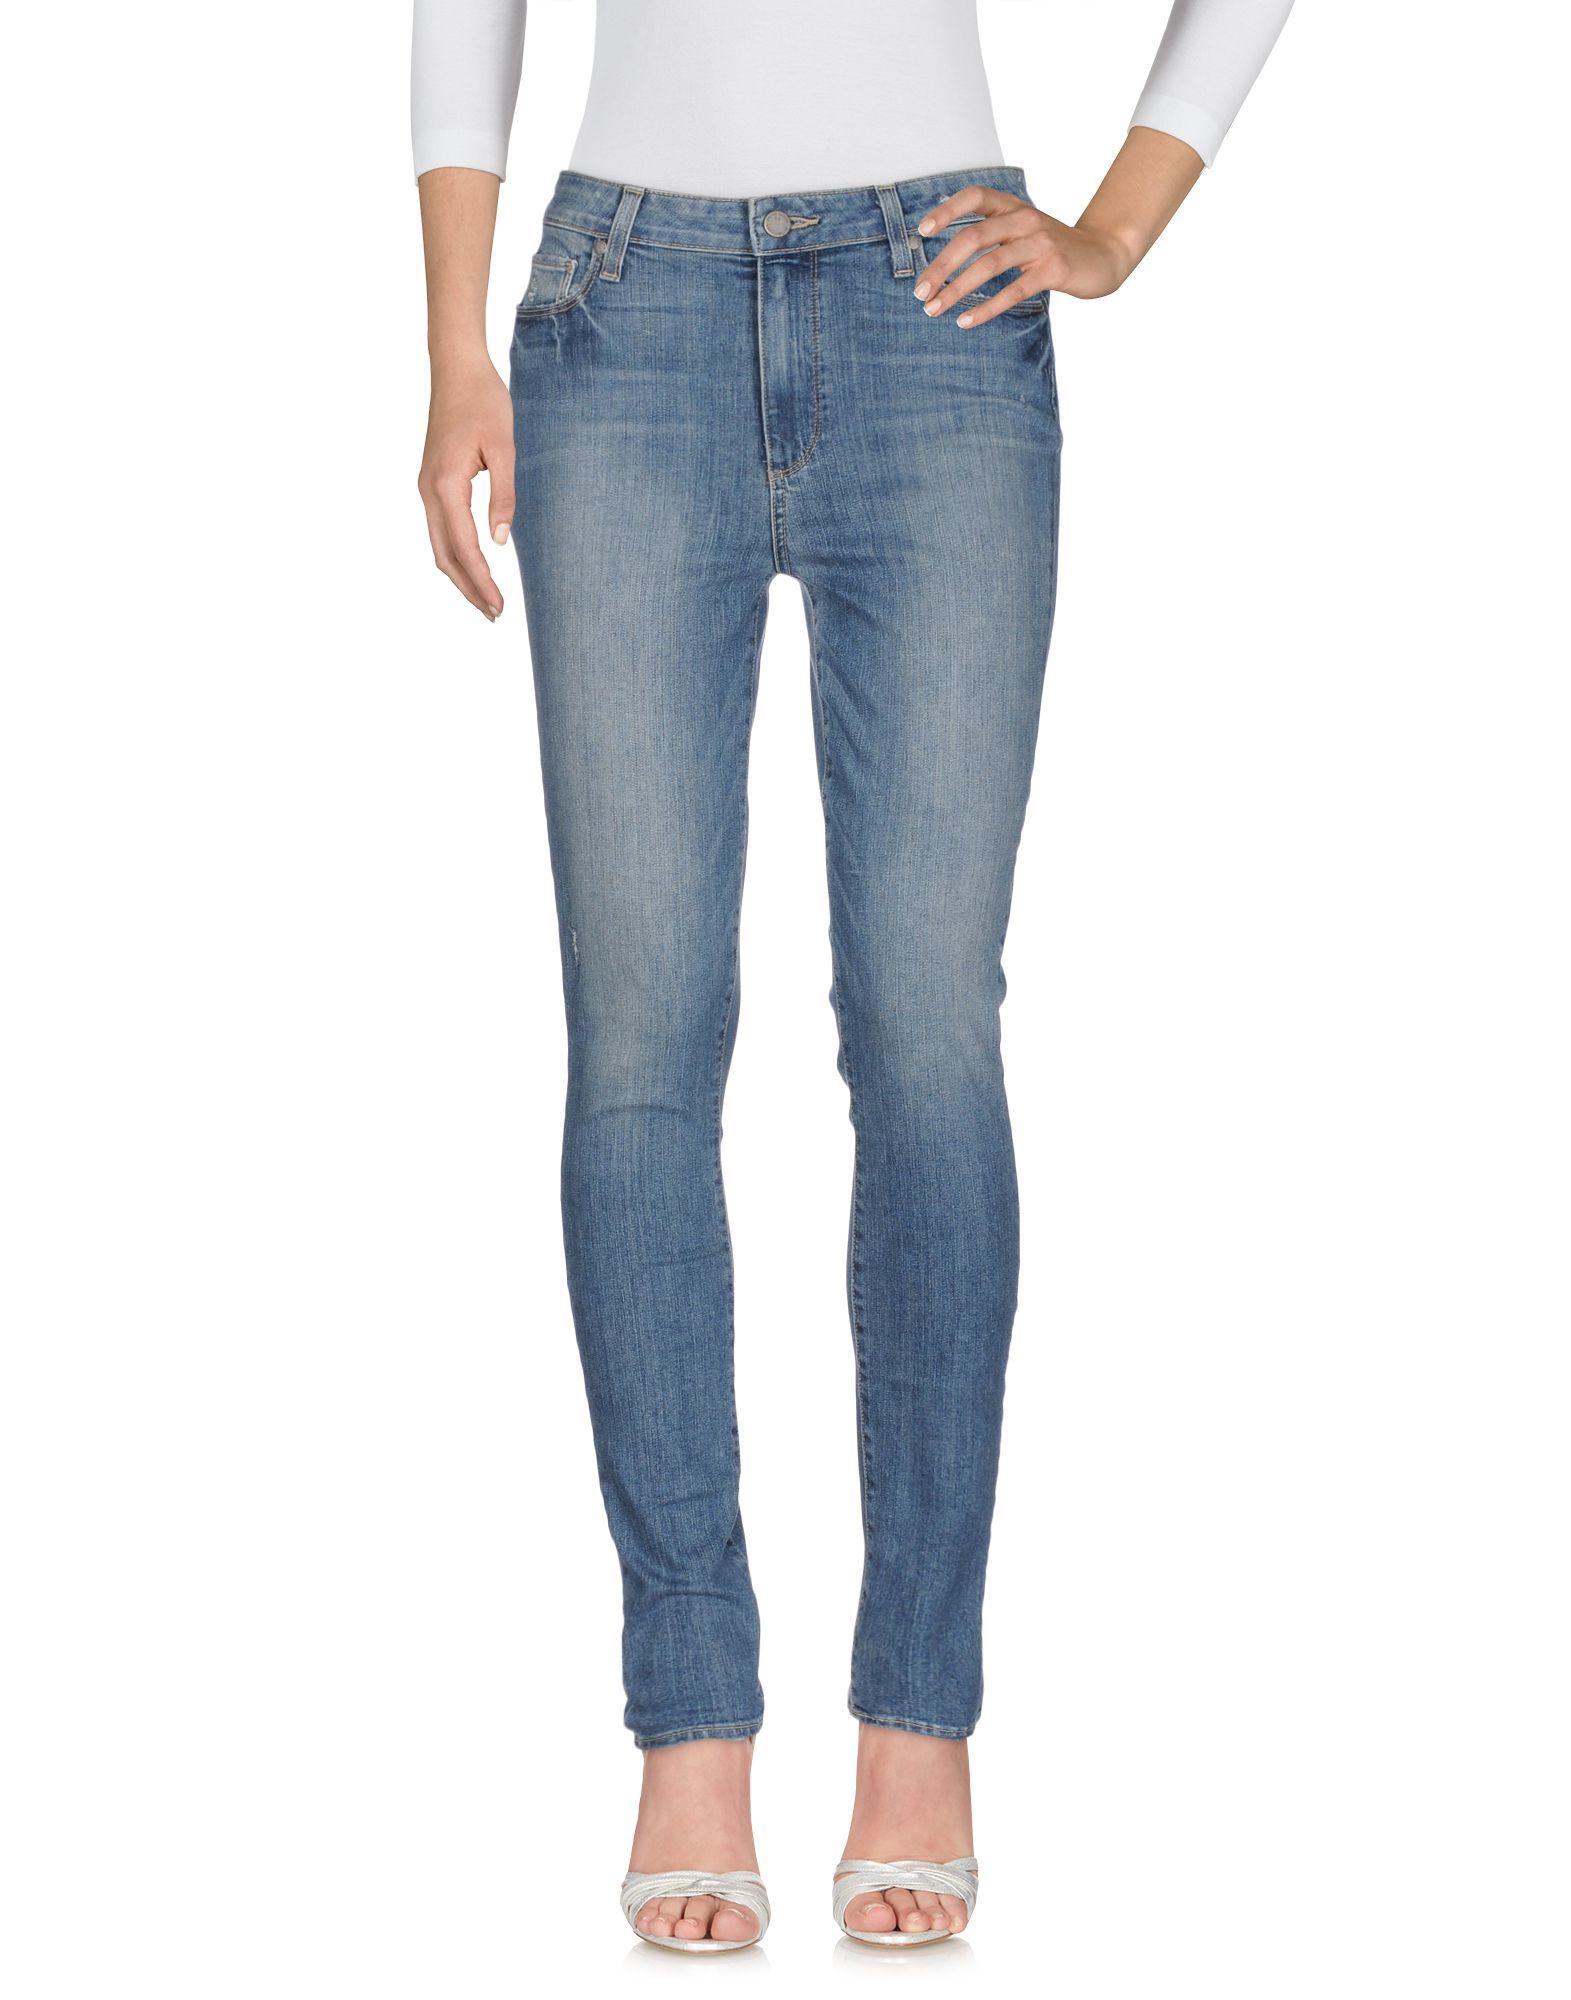 PAIGE Джинсовые брюки женские брюки лэйт светлый размер 50